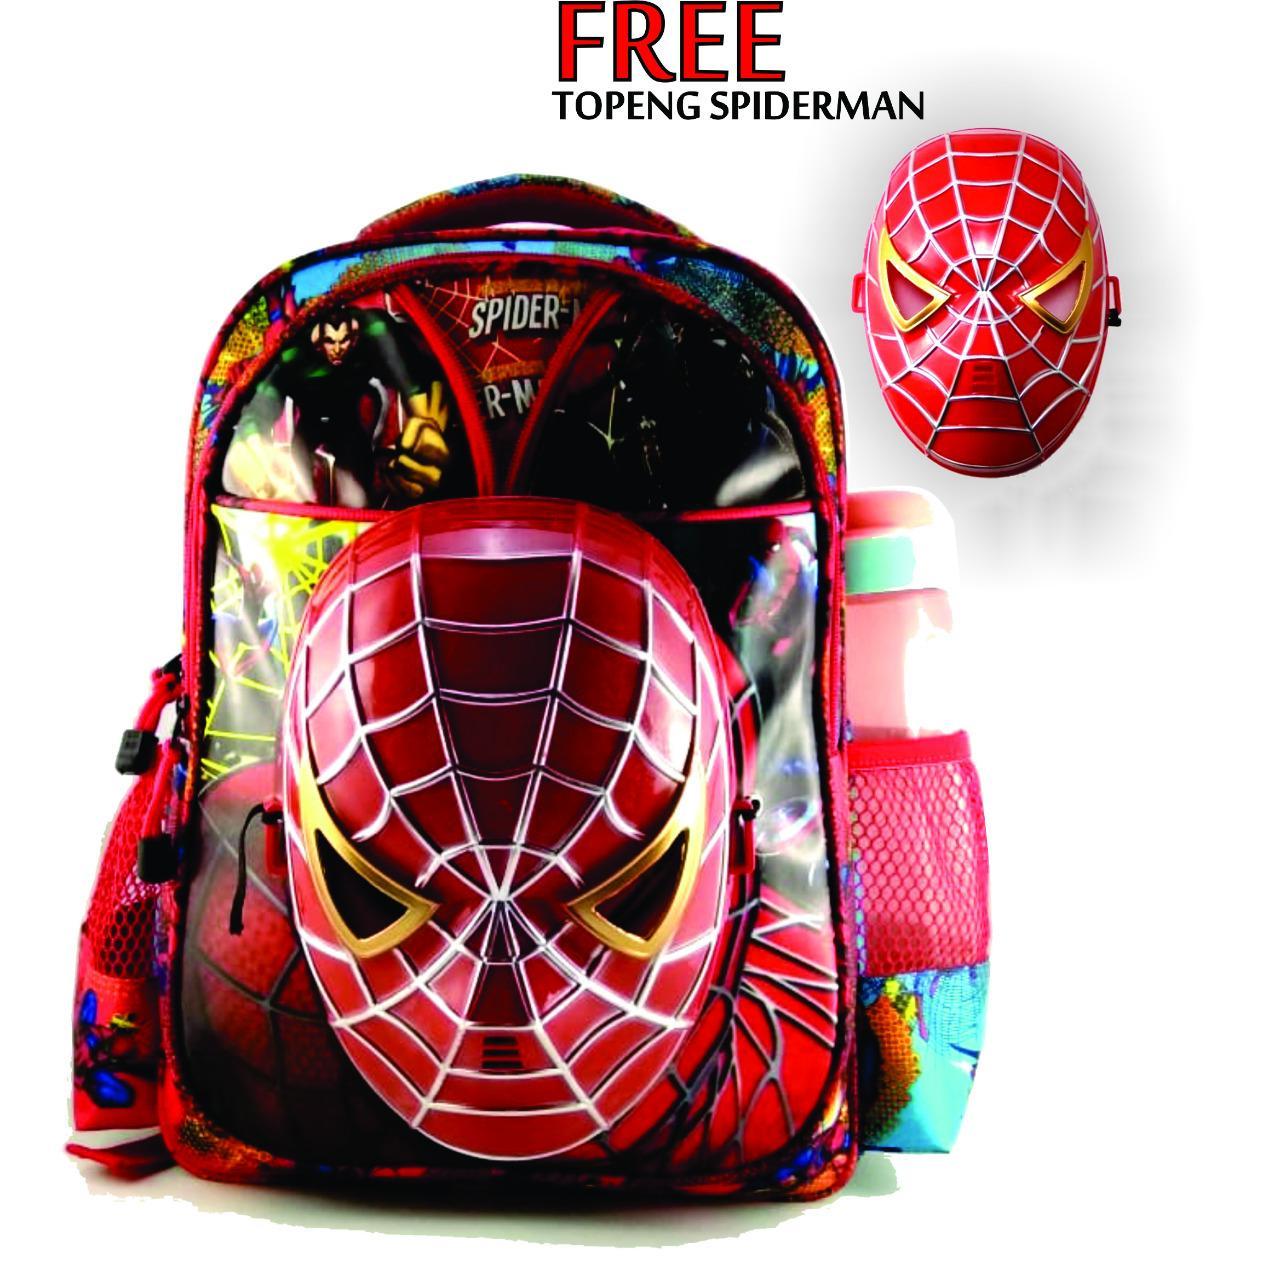 Tas Ransel Anak Laki-Laki Sekolah Motif Spiderman Bagus Free Topeng-spider 01